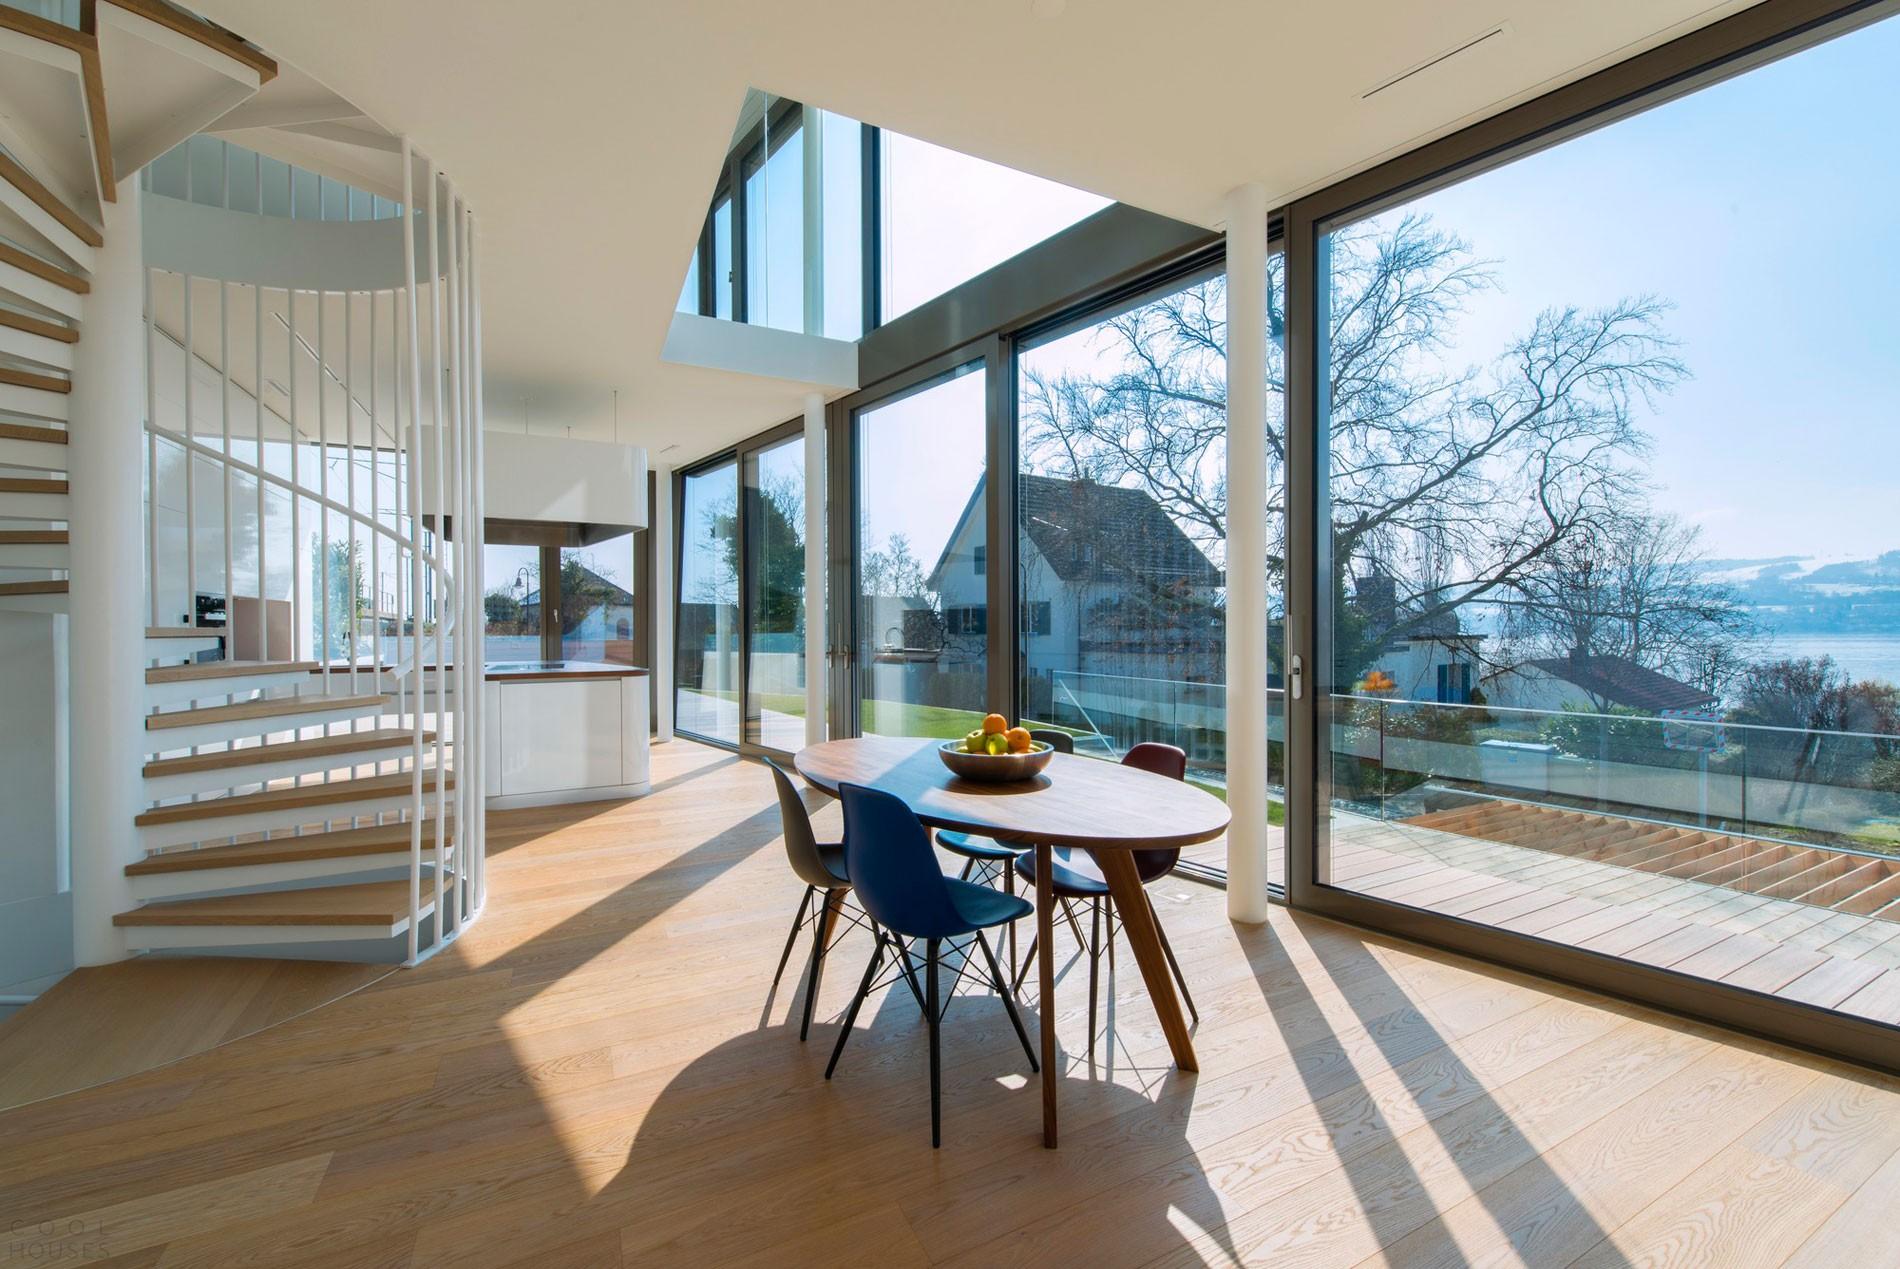 Частный дом в оригинальной художественной форме в Швейцарии